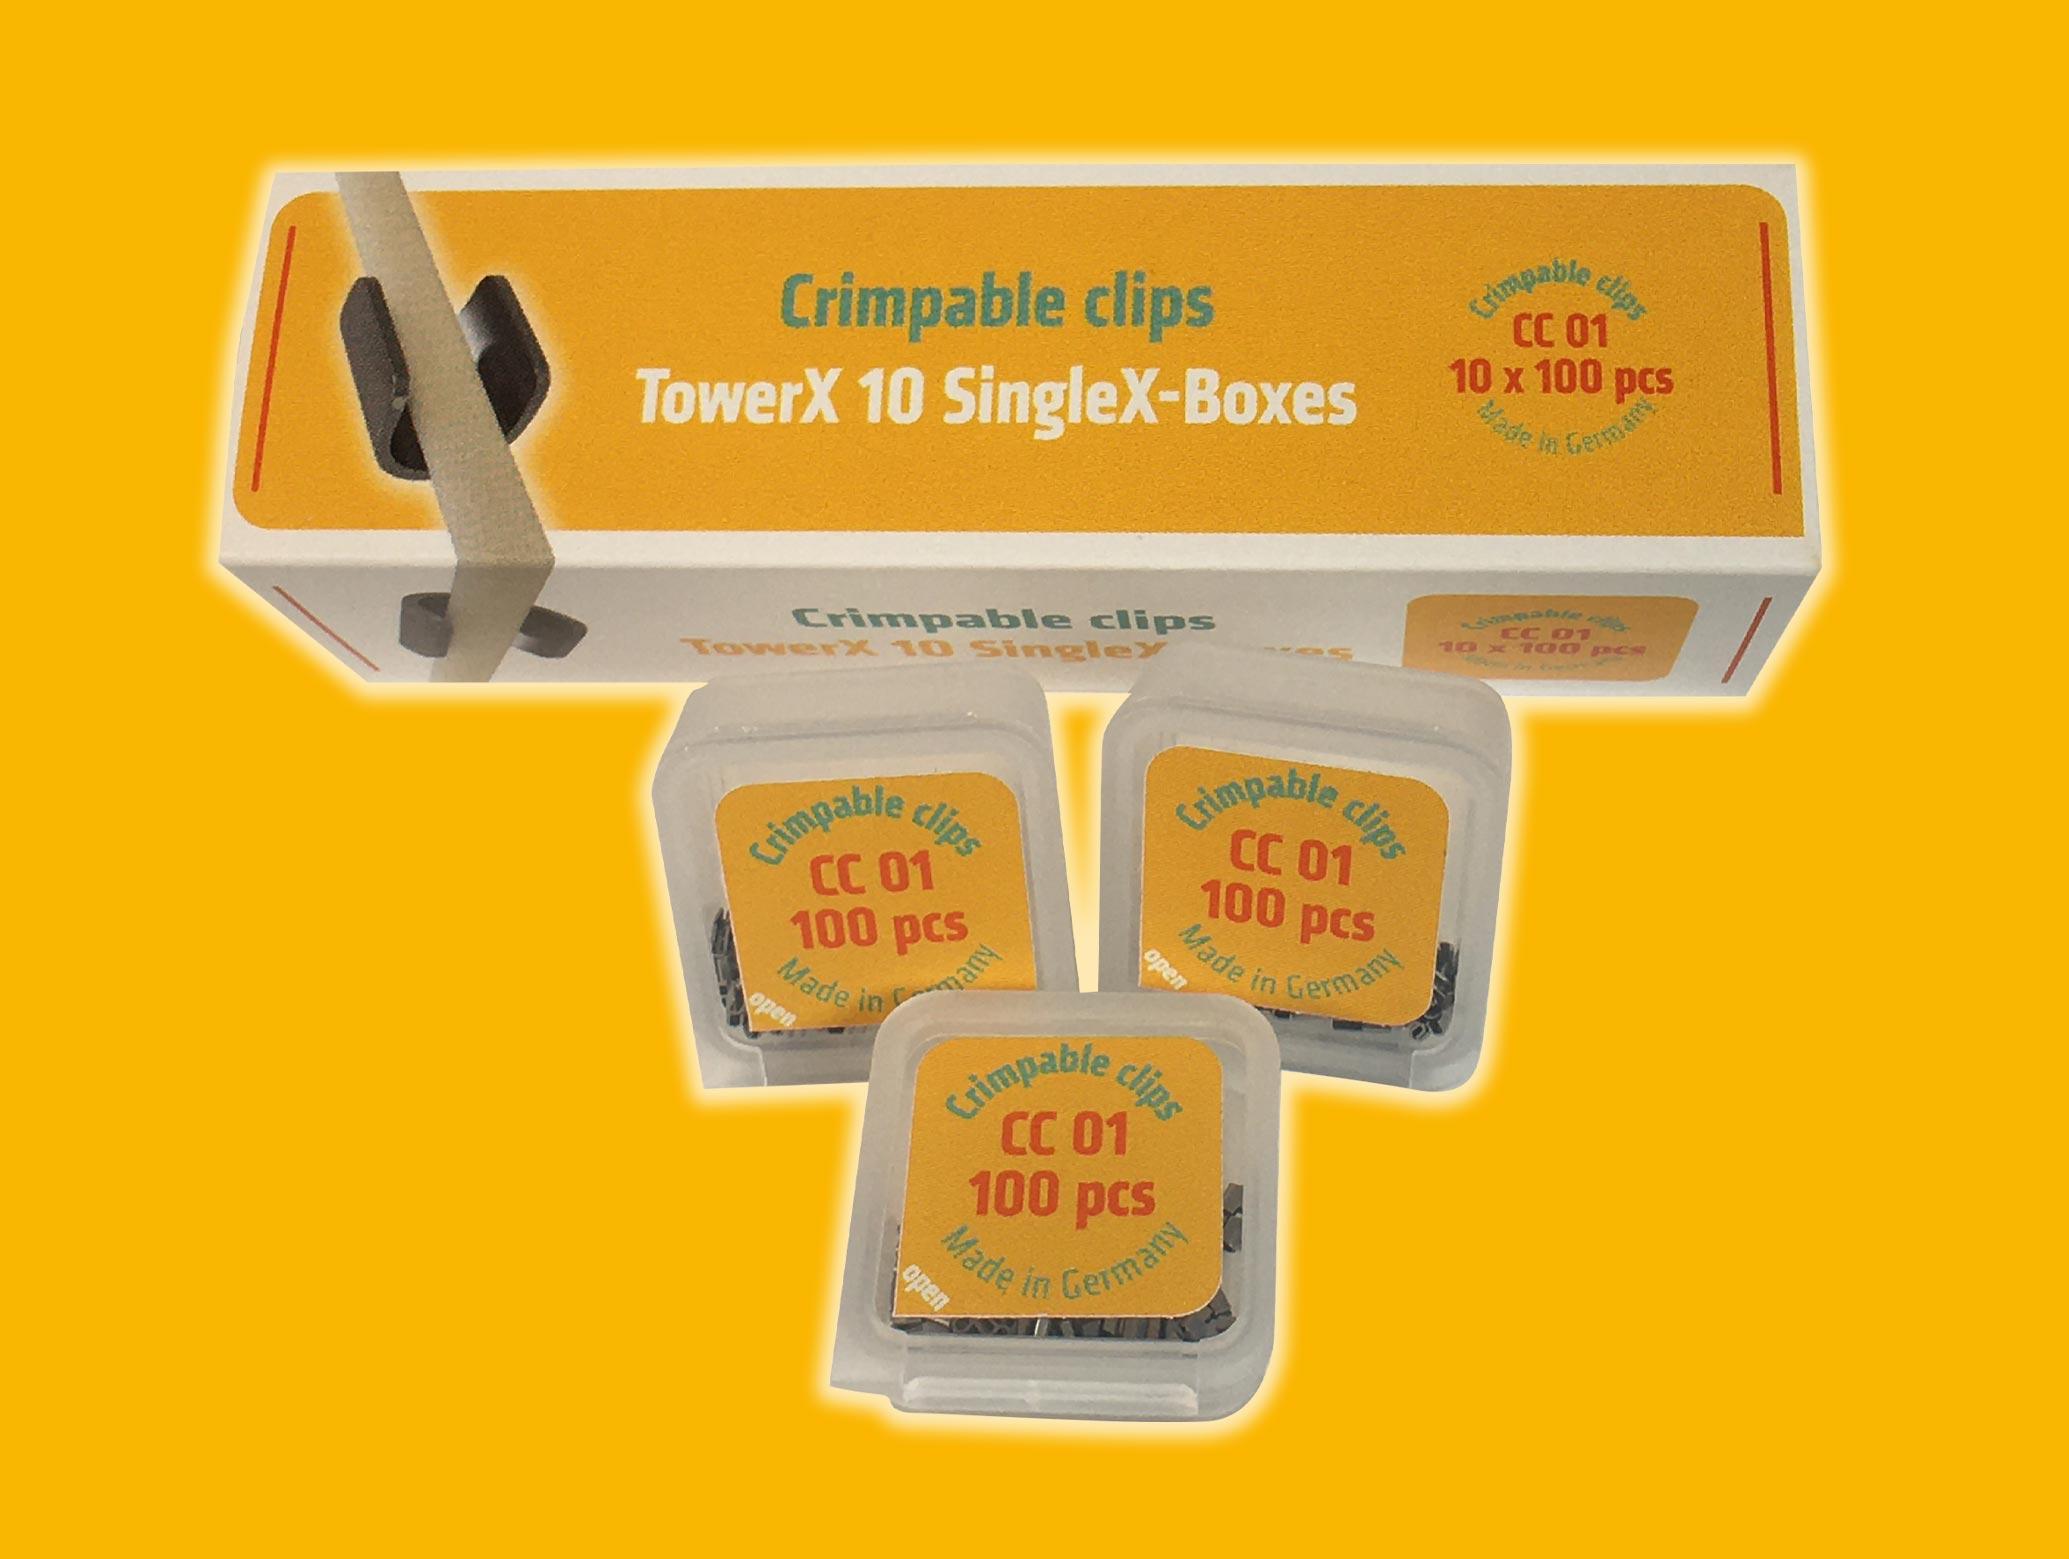 Crimpable clips CC01 TowerX